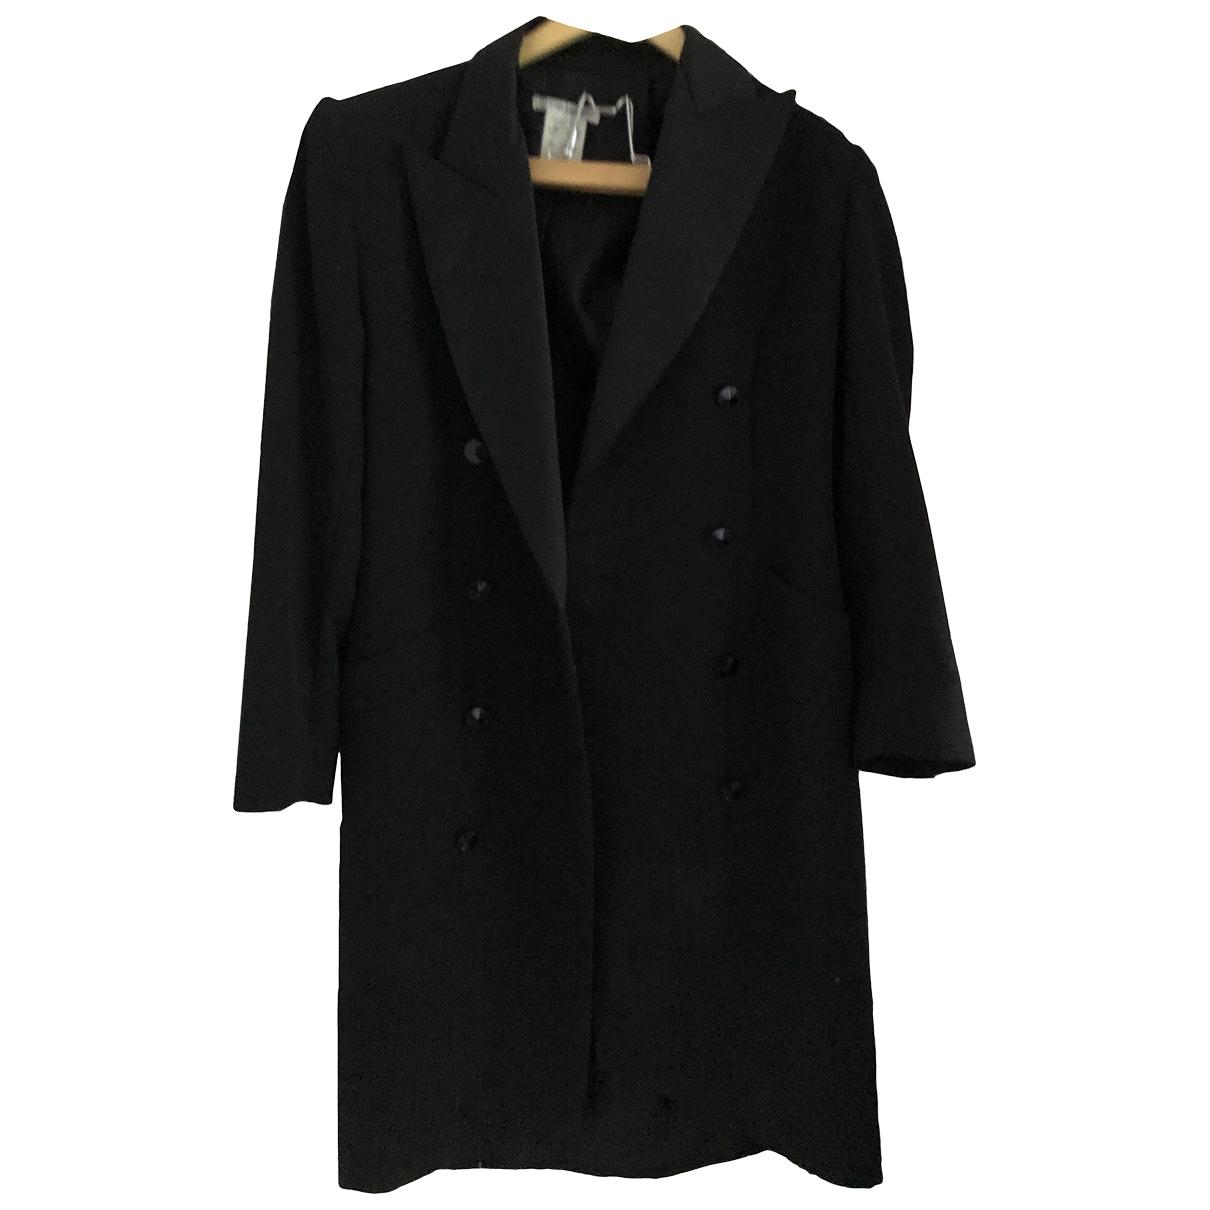 Guy Laroche \N Black Wool dress for Women 38 FR